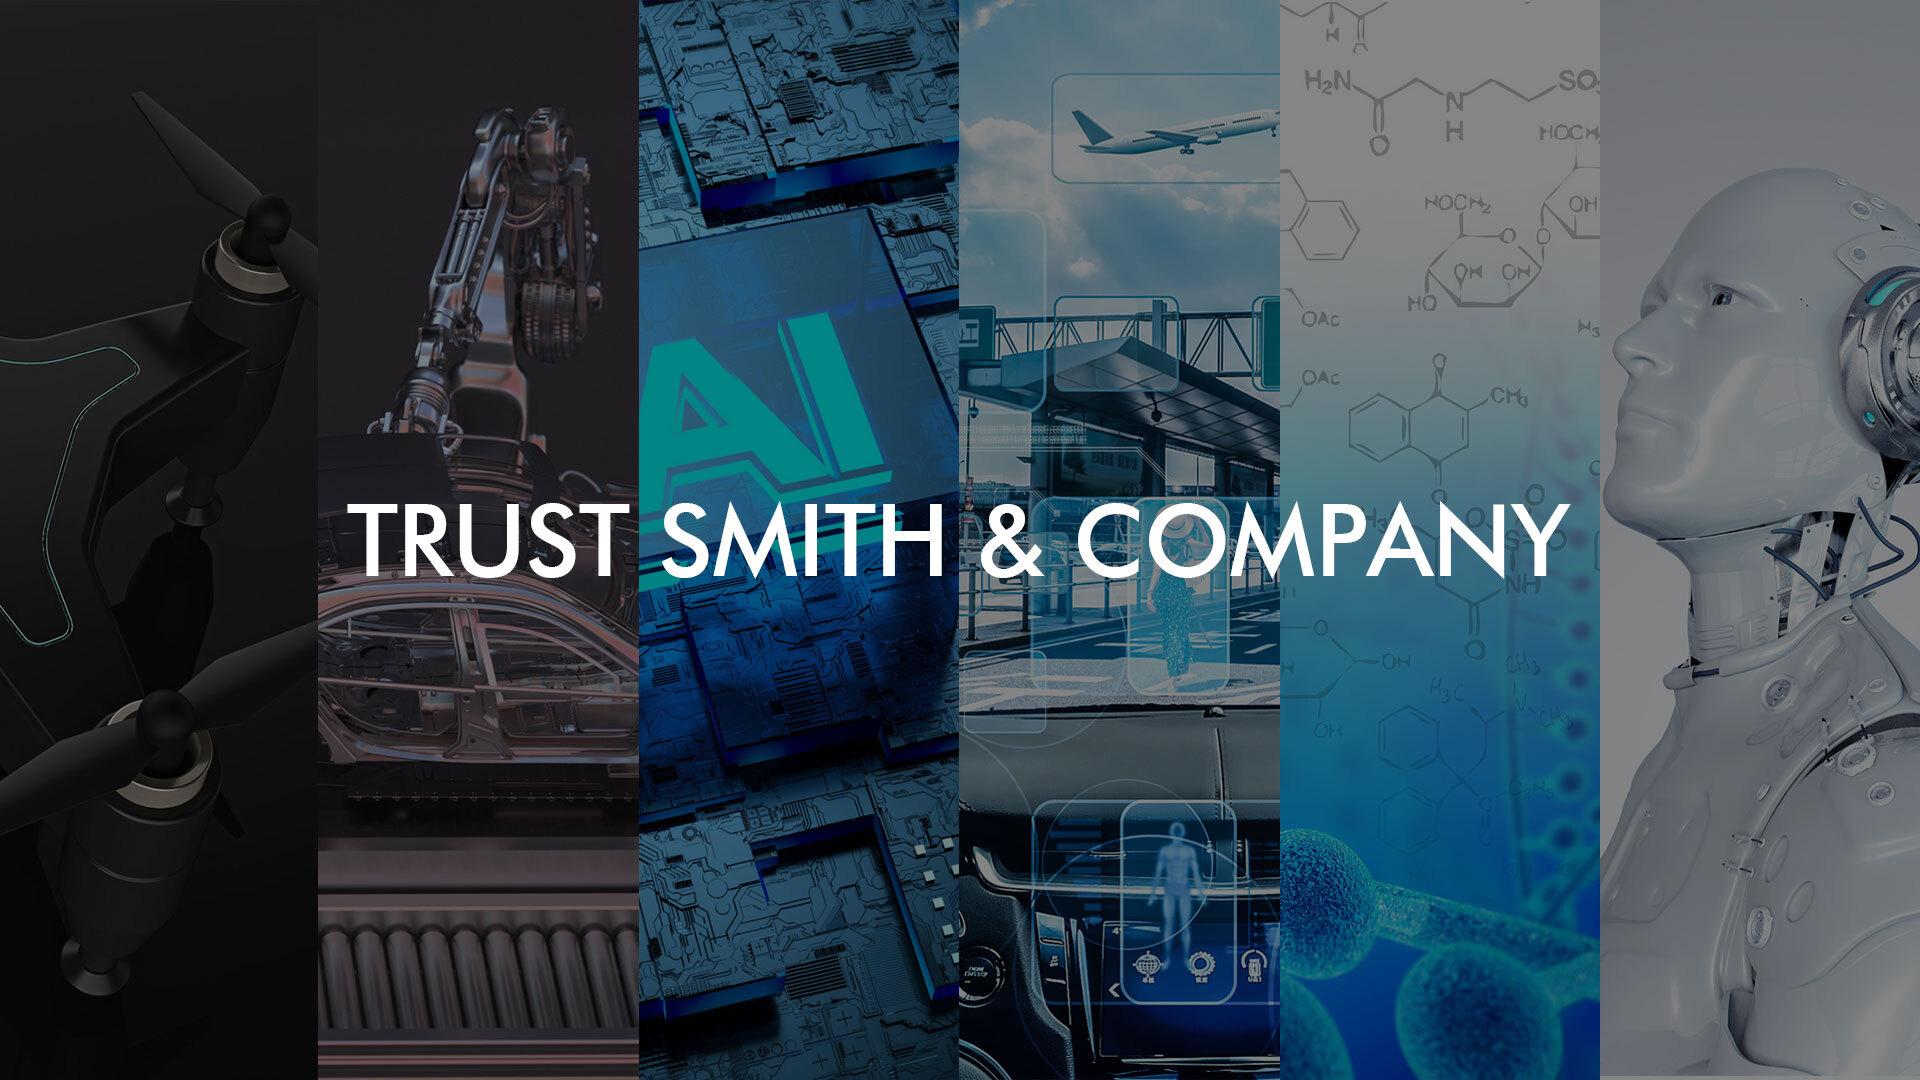 TRUST SMITH 株式会社のコンサルタントインターン